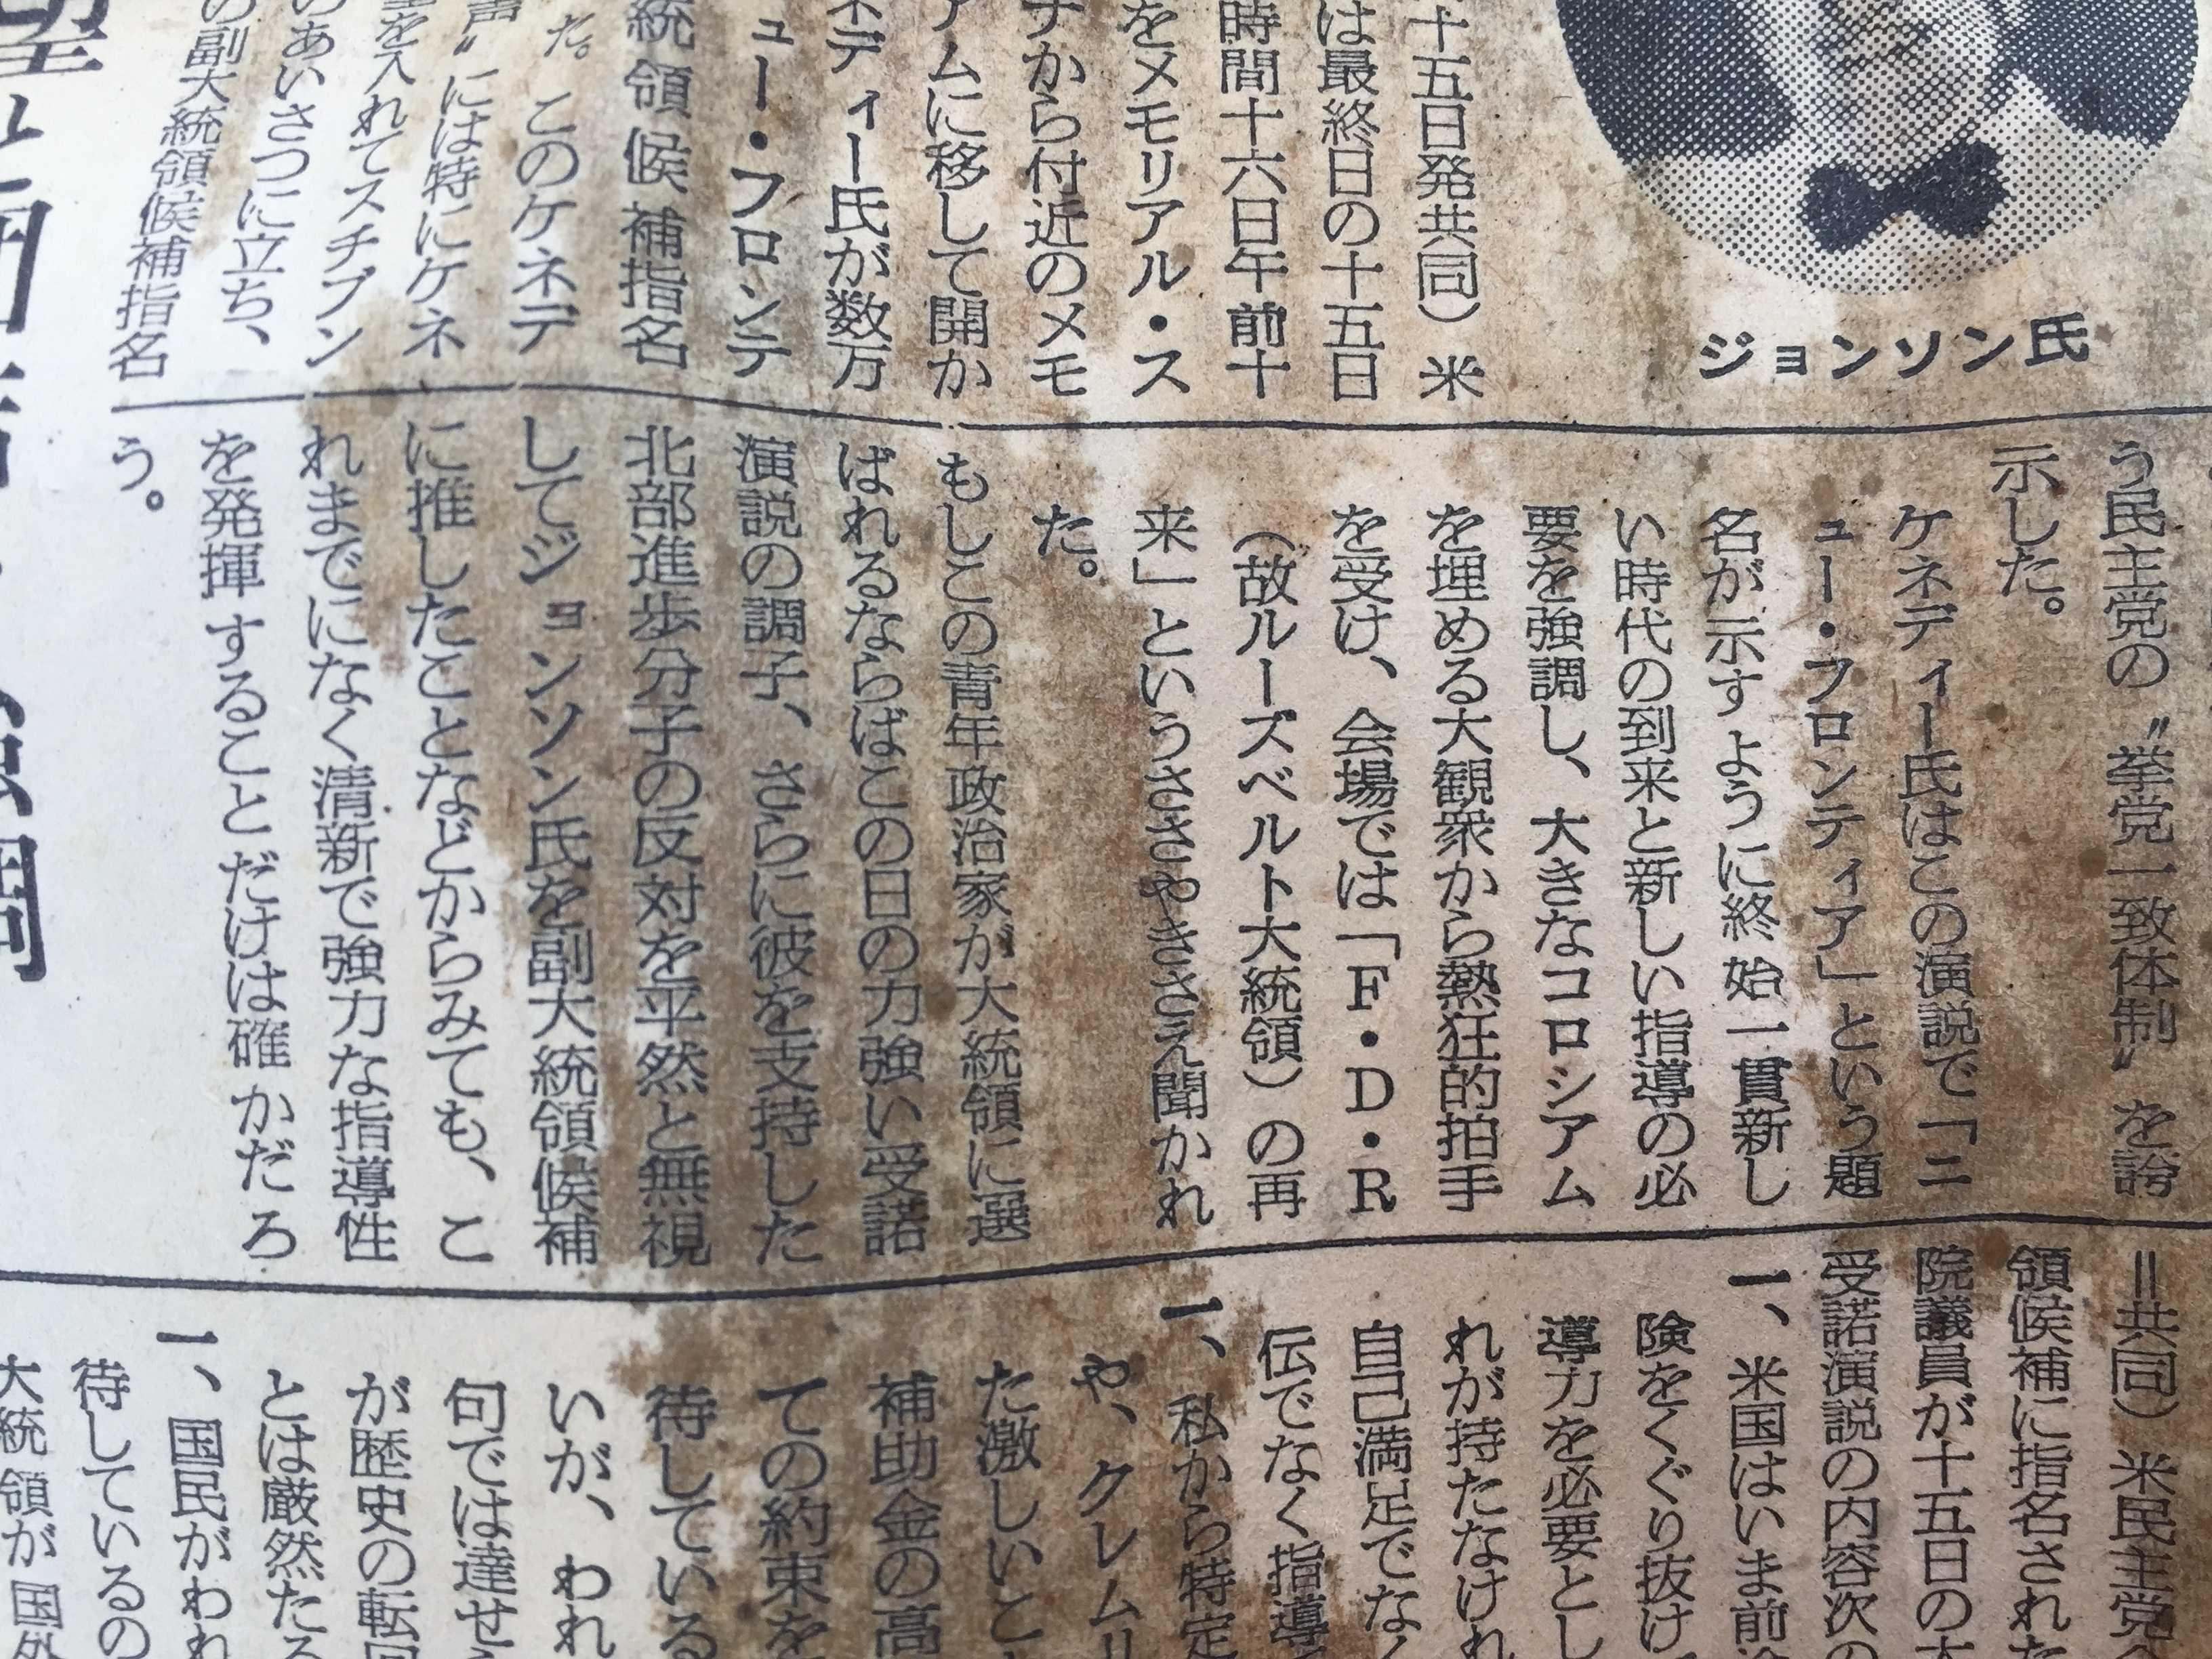 昭和35年(1960年)7月16日 J・F・Kの大統領候補指名受諾演説